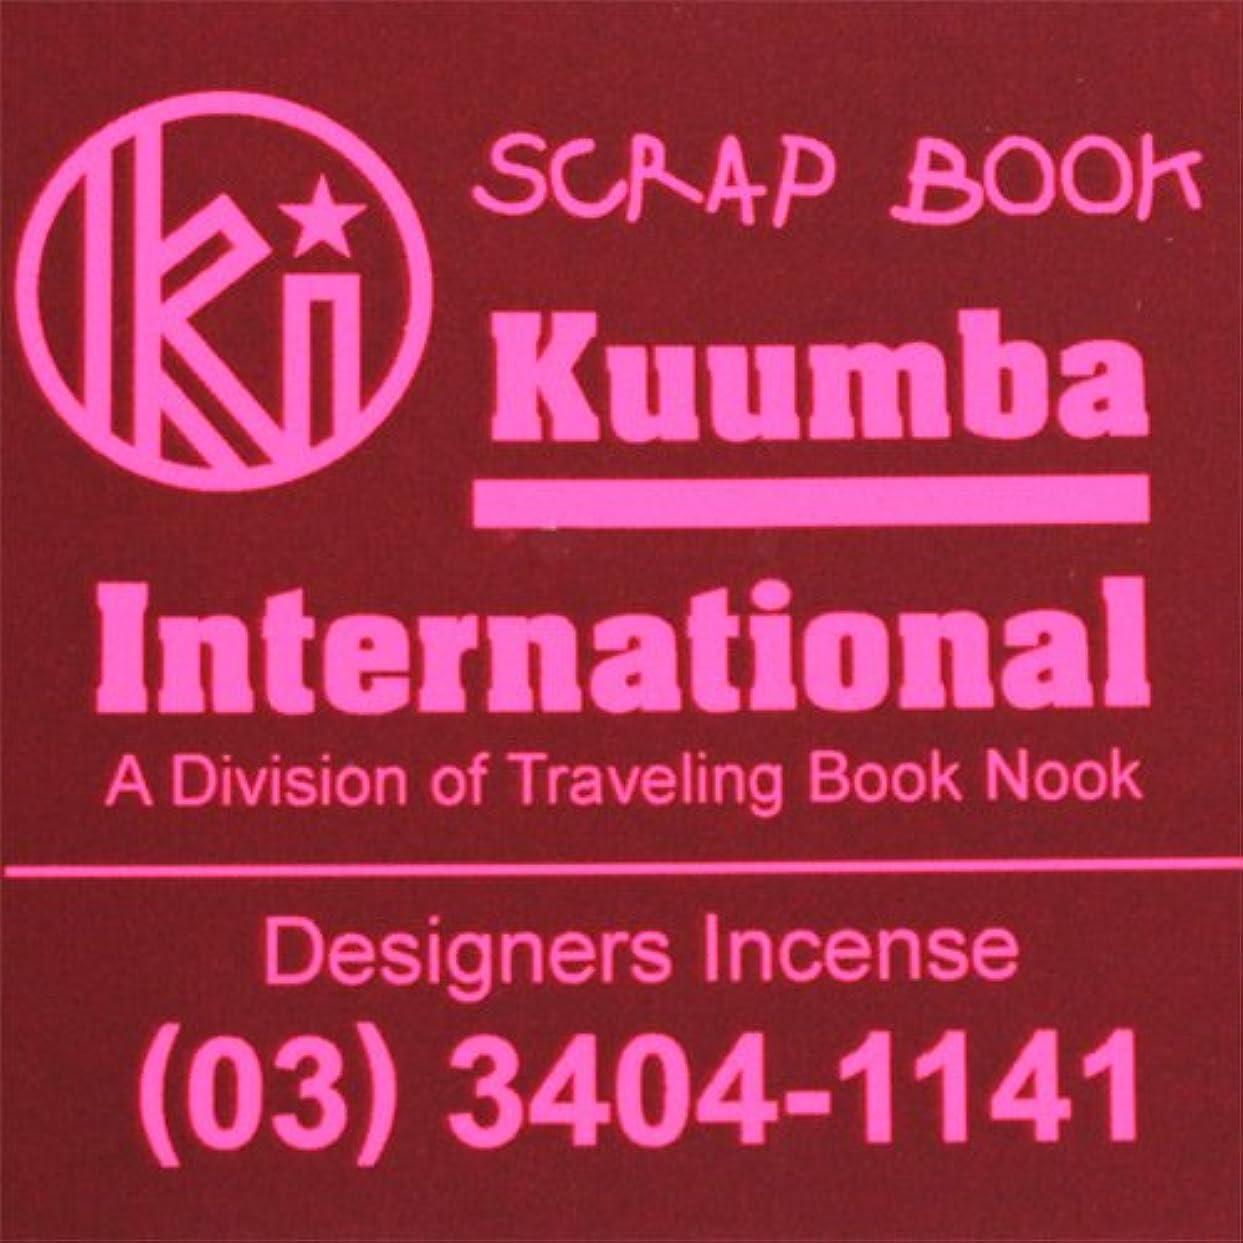 輝く未亡人直感KUUMBA / クンバ『incense』(SCRAP BOOK) (Regular size)